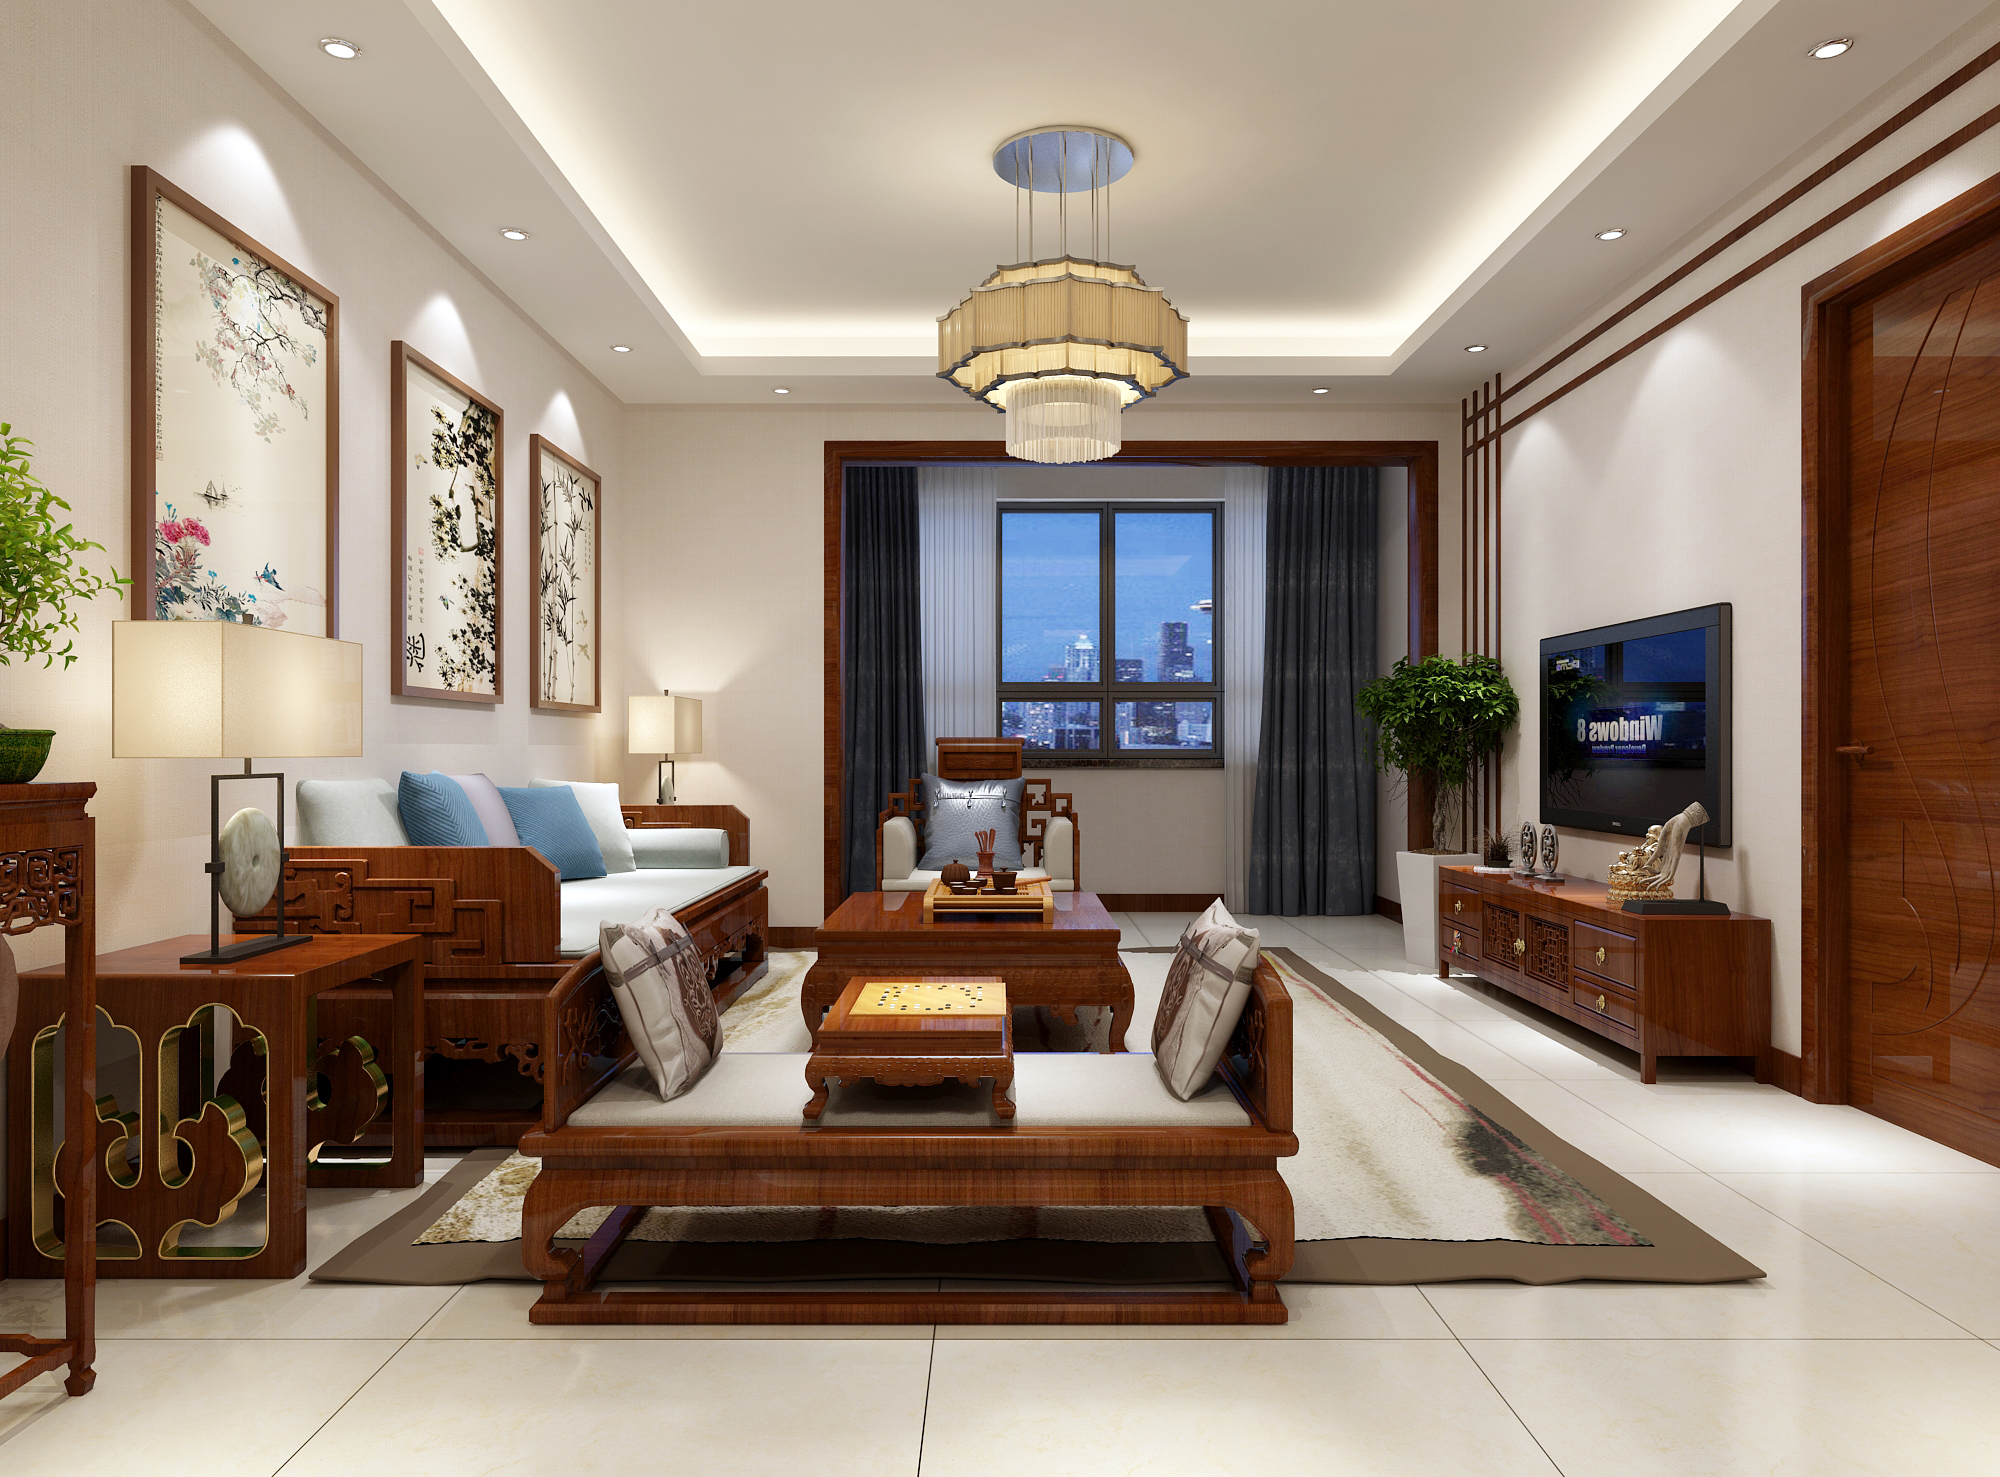 三居 80后 新中式 客厅图片来自业之峰装饰旗舰店在团圆中国结的分享